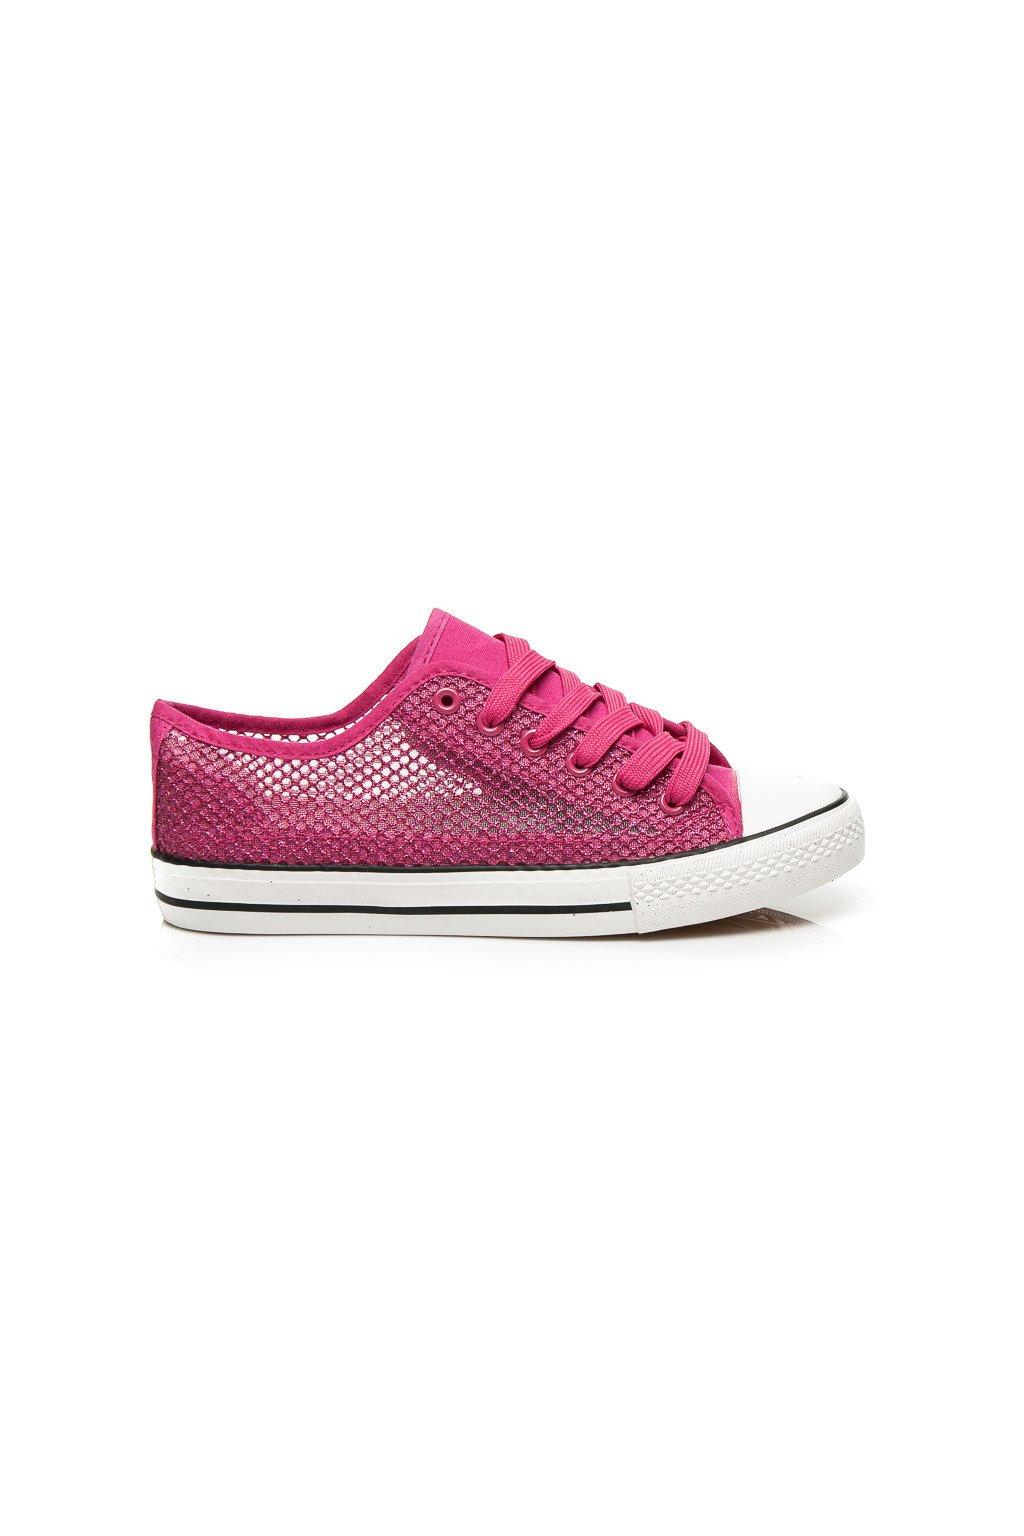 Ružové plátené tenisky E26RO veľ.č. 37, 39, 40 (Veľkosť UK3 / EUR 36)